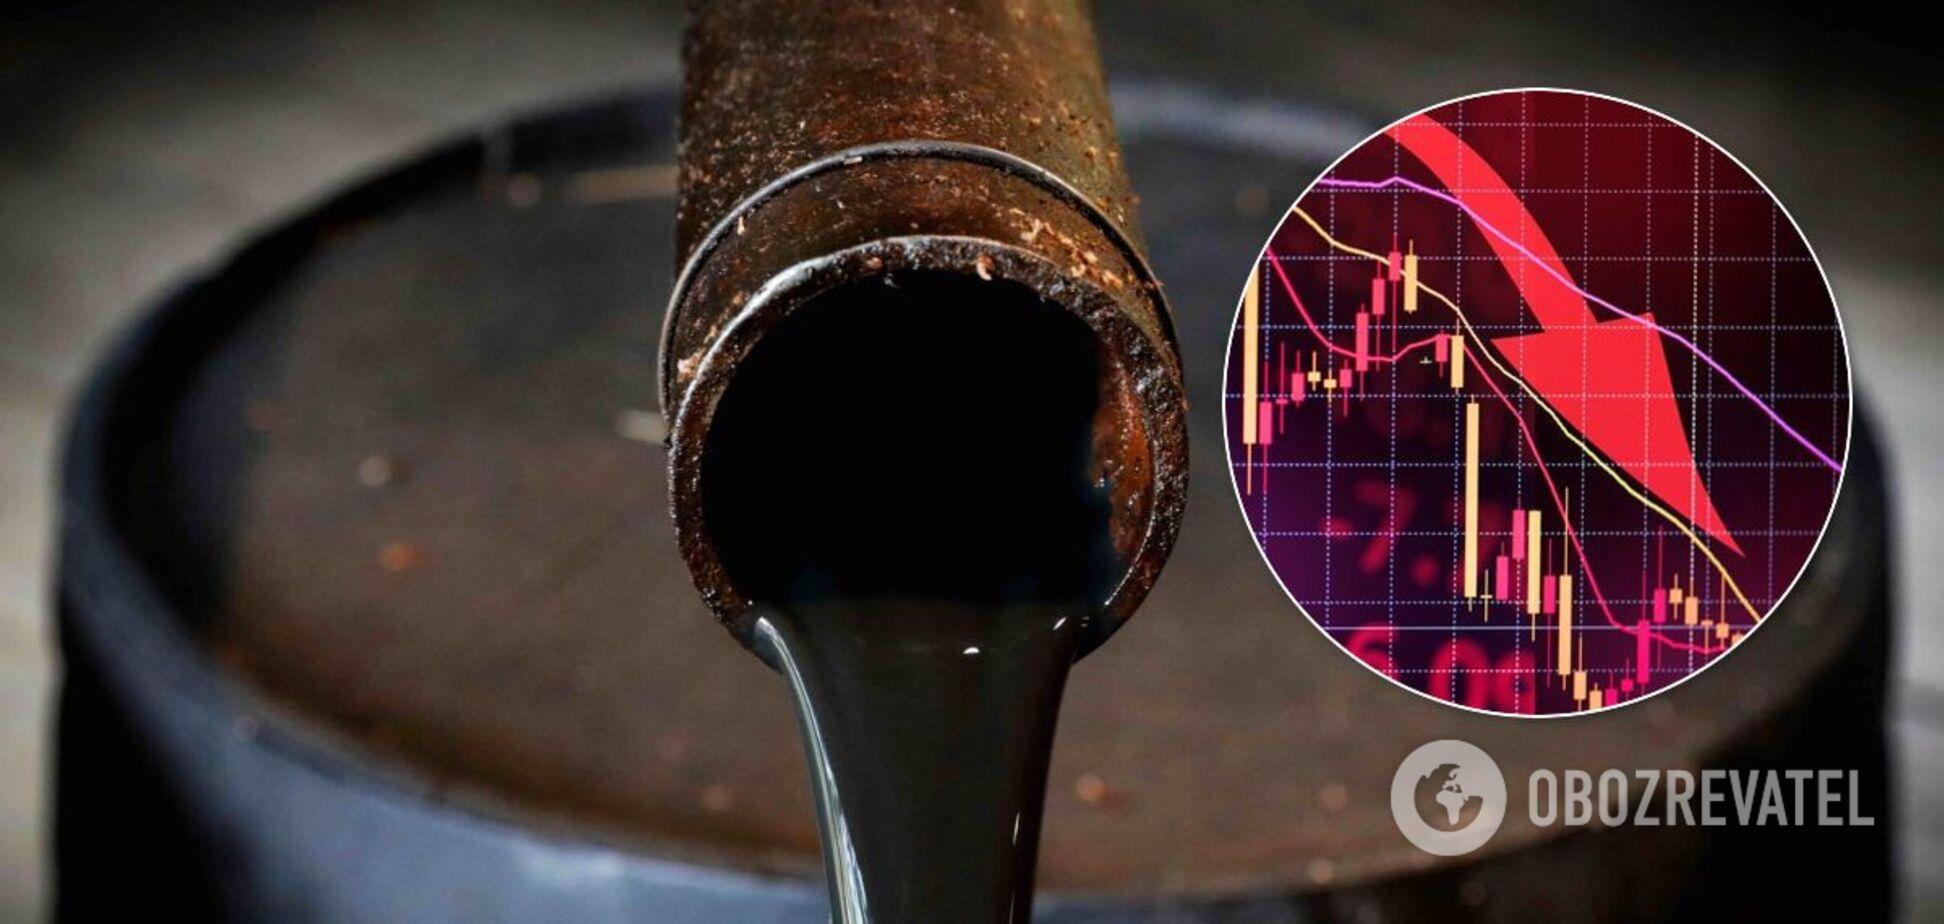 Ціни на нафту продовжили падіння: графік